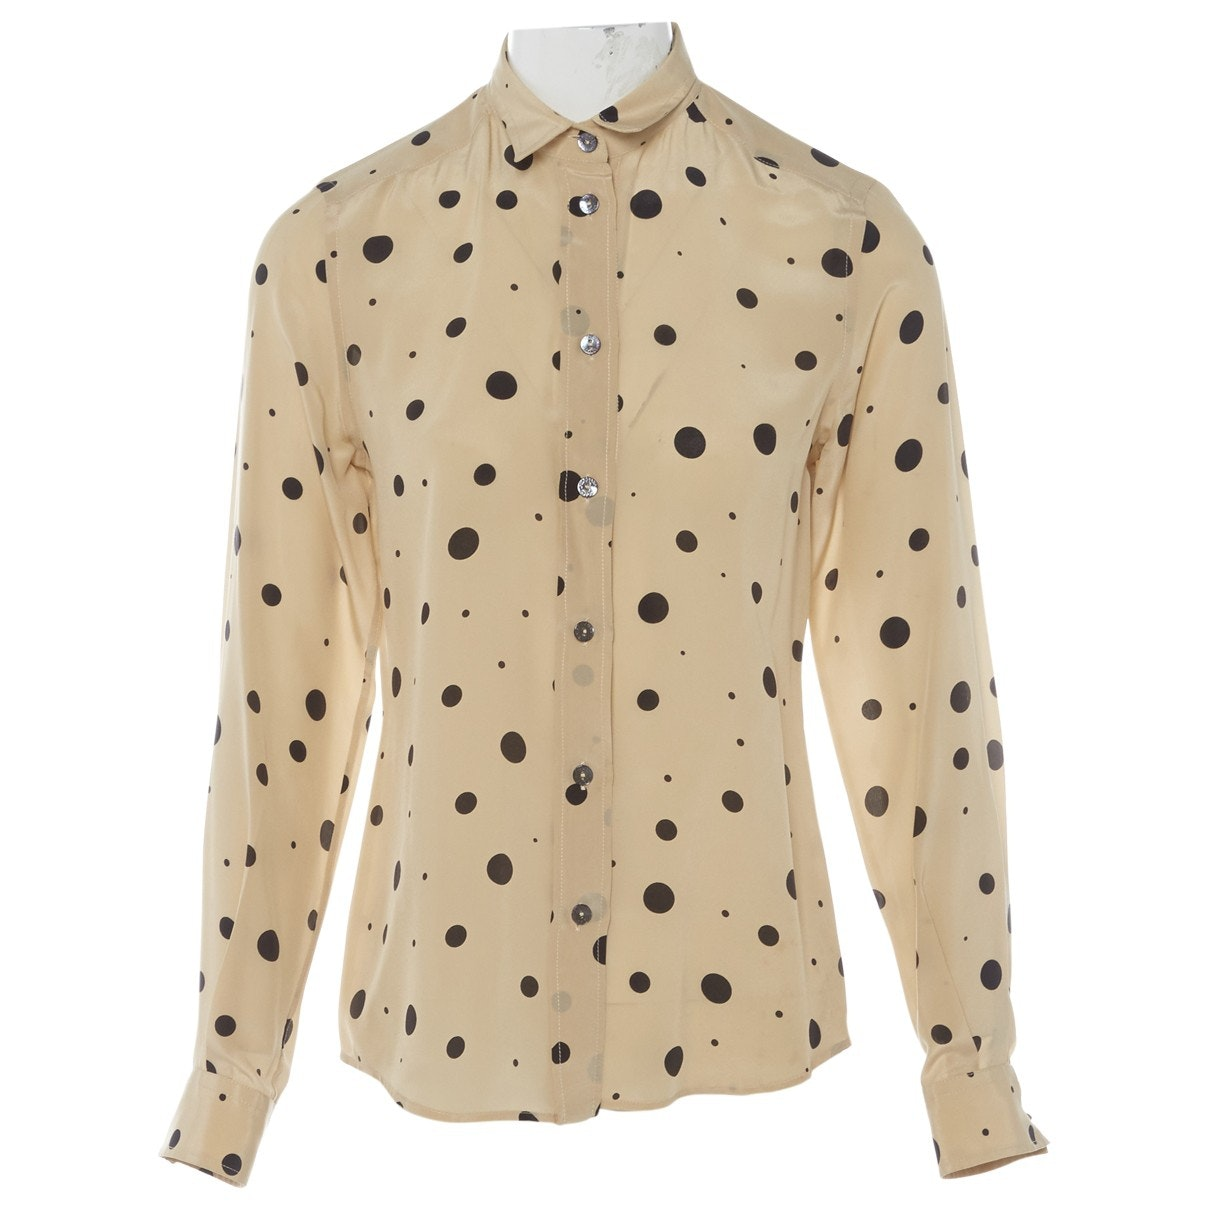 DOLCE & GABBANA Beige Polka Dot Shirt; Size: 40 IT; $133.19